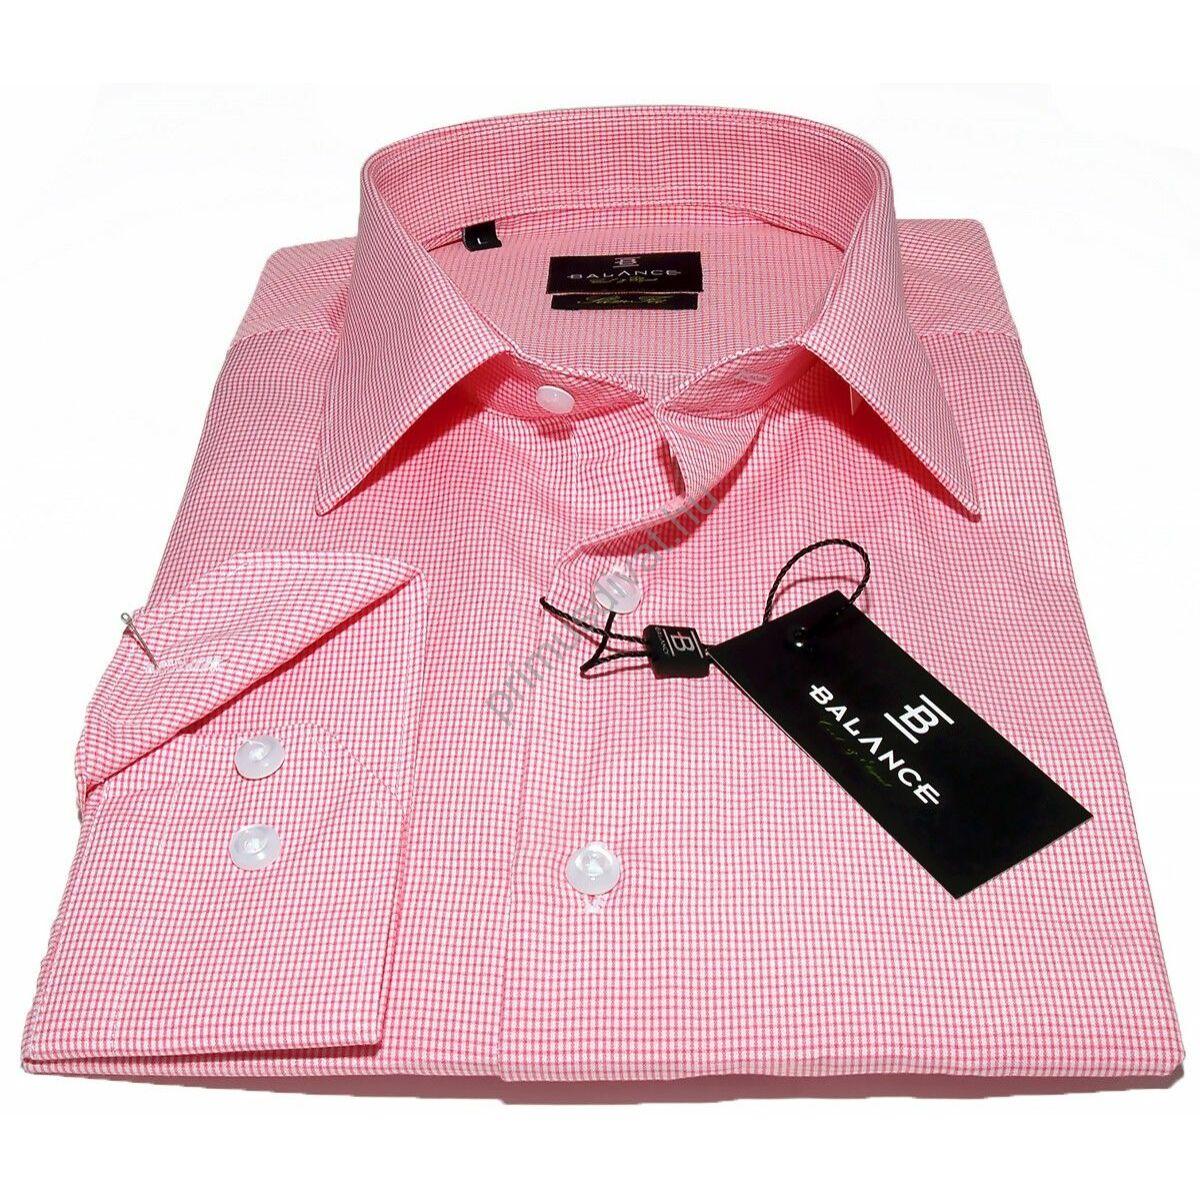 3e8bc4336f Balance szövött apró rózsaszín kockás, normál galléros, hosszú ujjú  karcsúsított slim fit ing